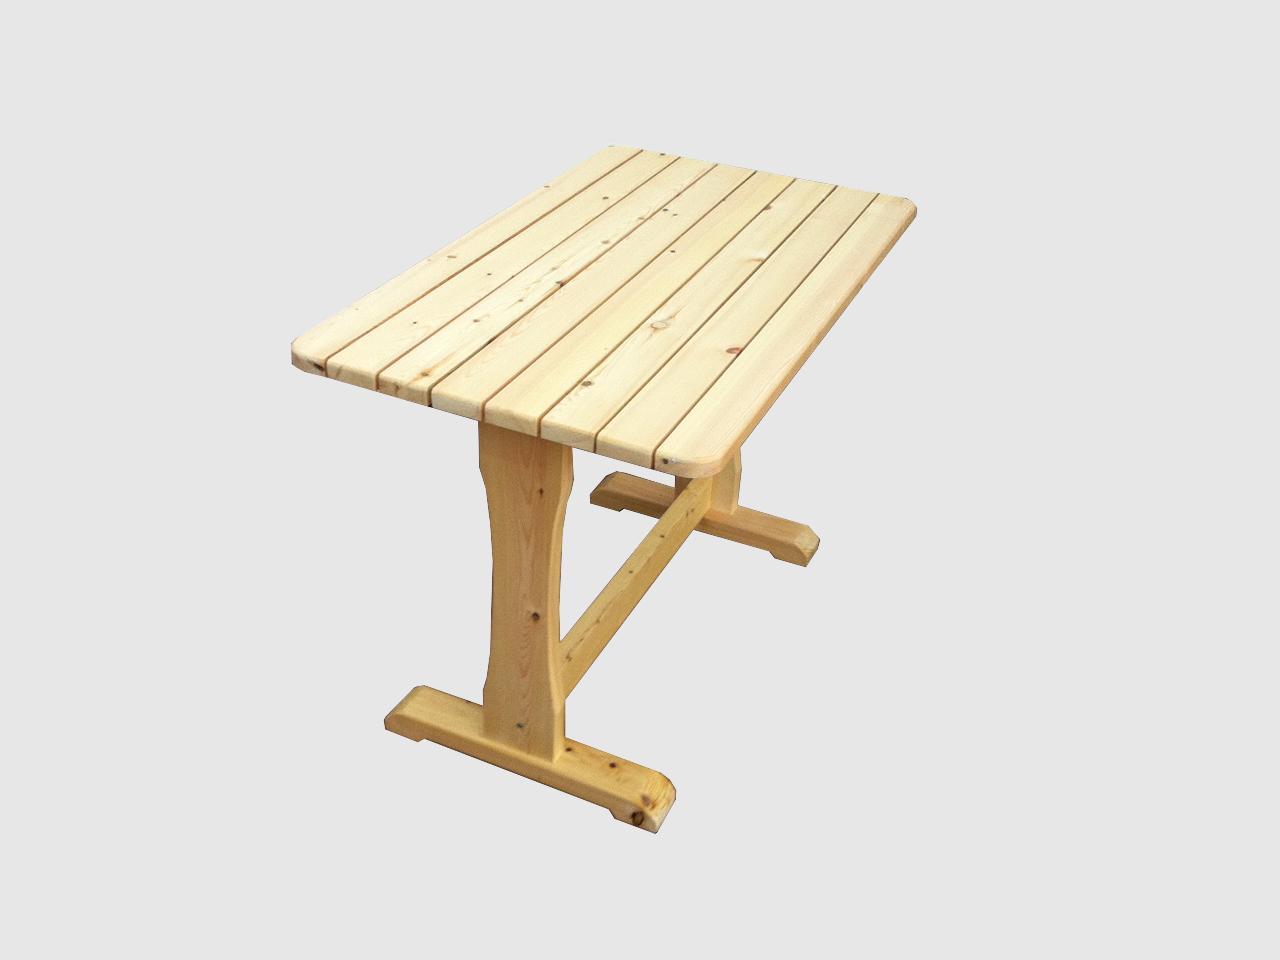 Ξύλινο χειροποίητο τραπέζι σε φυσικό χρώμα – Κωδ.: 15-23